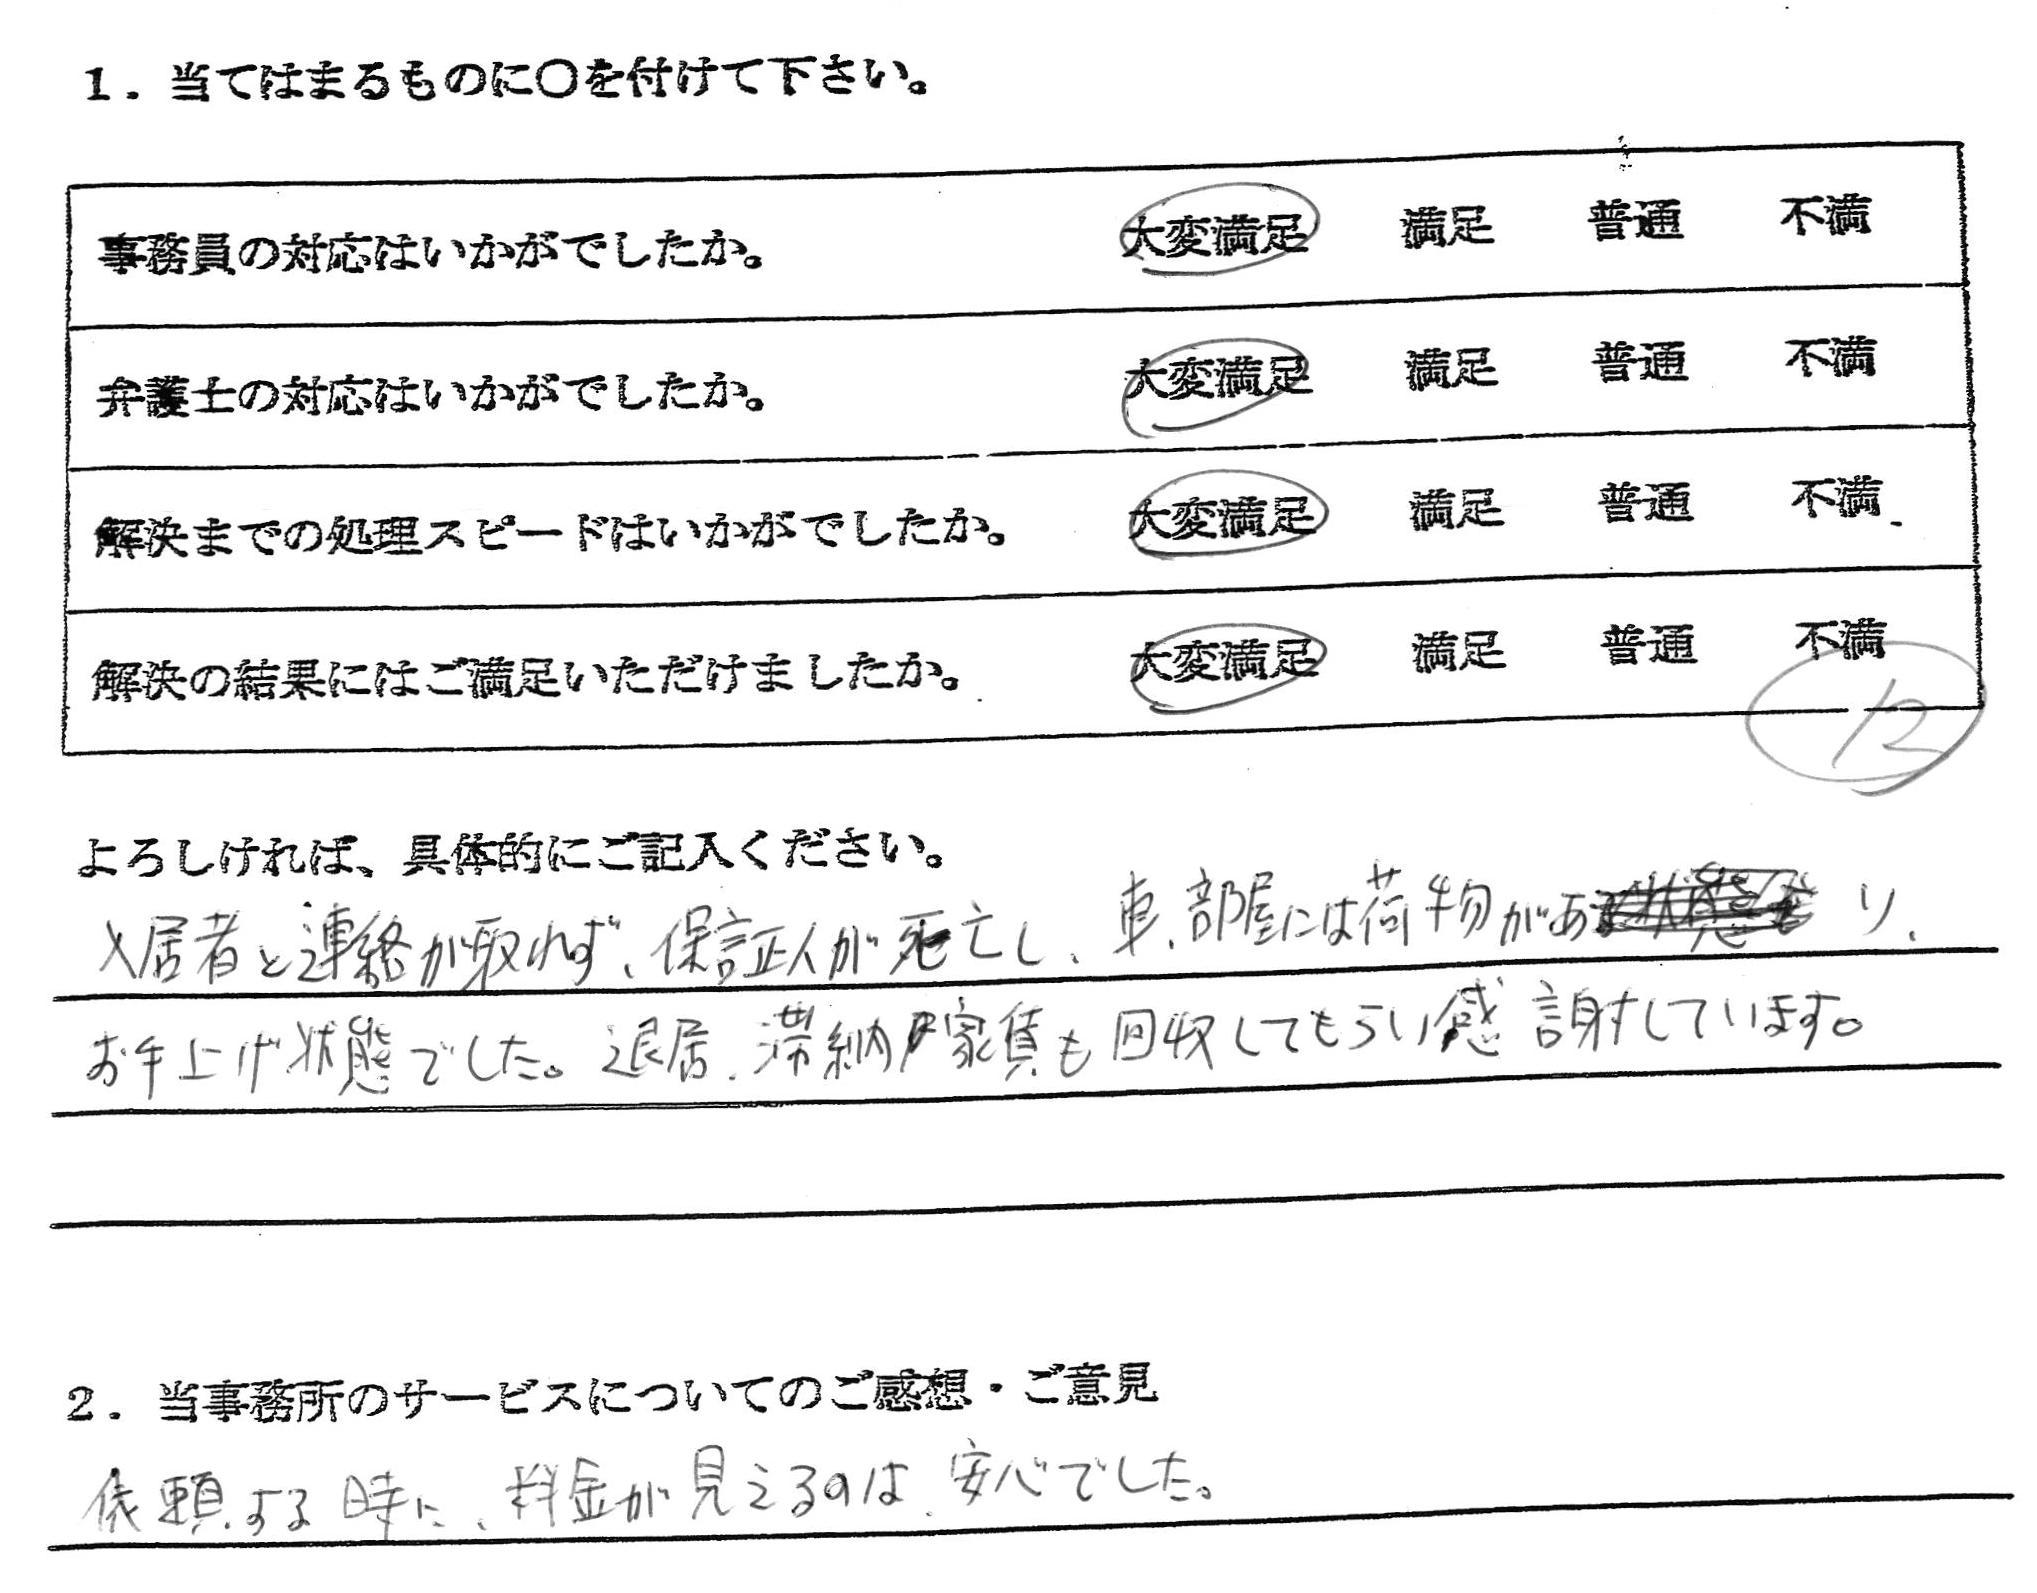 名古屋市60代男性(建物明渡)の依頼者様の声 : 入居者と連絡が取れず、保証人が死亡し、車、部屋には荷物があり、お手上げ状態でした。退去、滞納家賃も回収してもらい感謝しています。 依頼する時に、料金が見えるのは、安心でした。